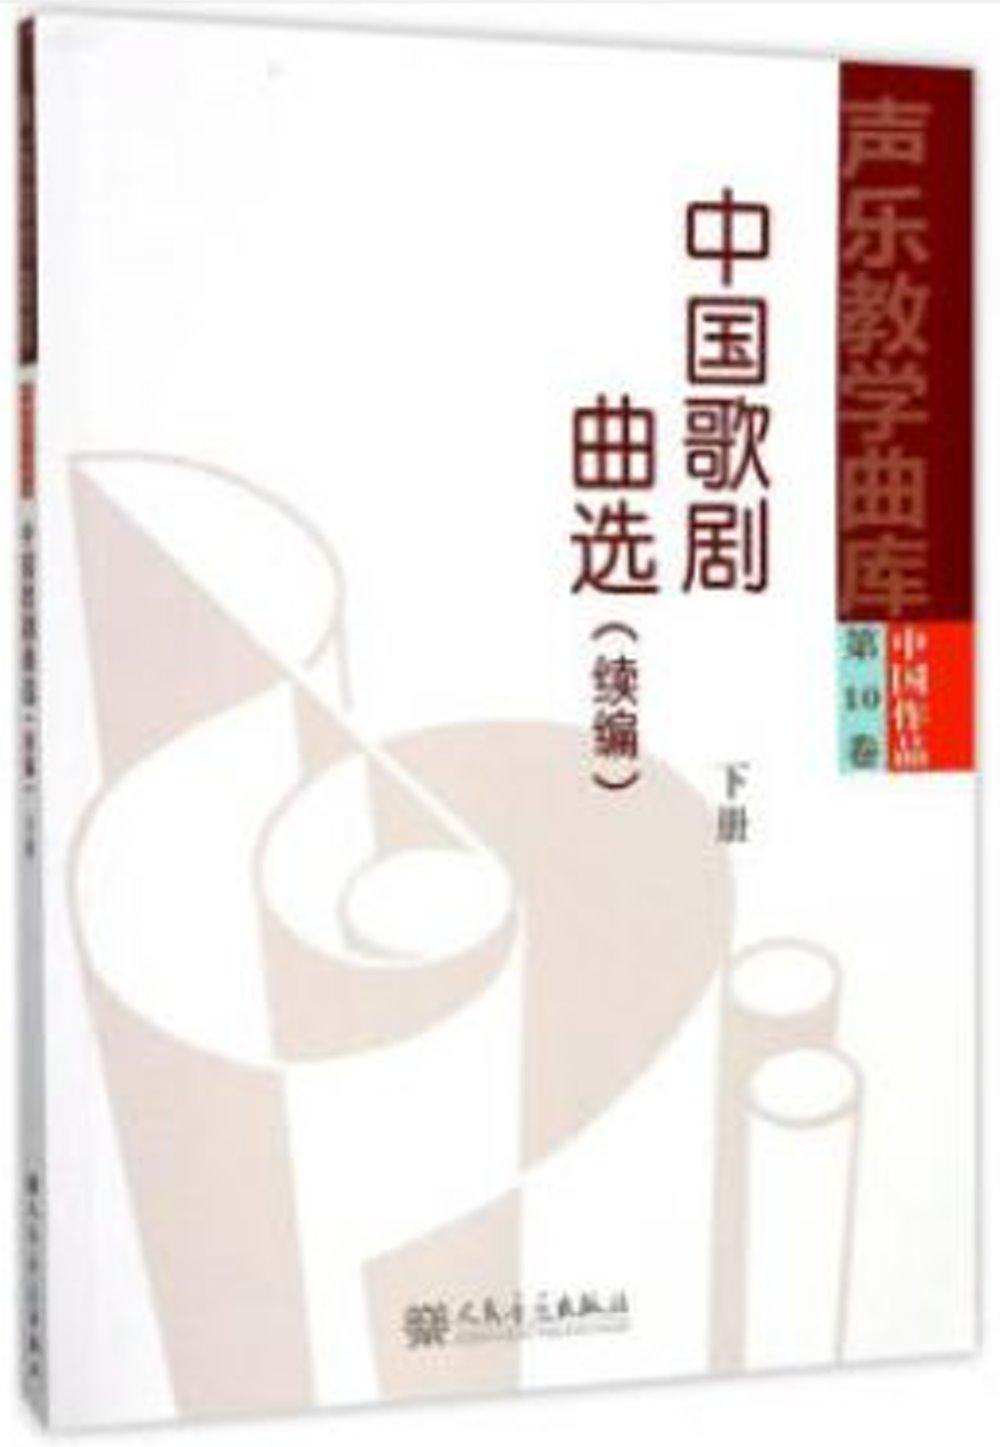 中國歌劇曲選:續編·下冊